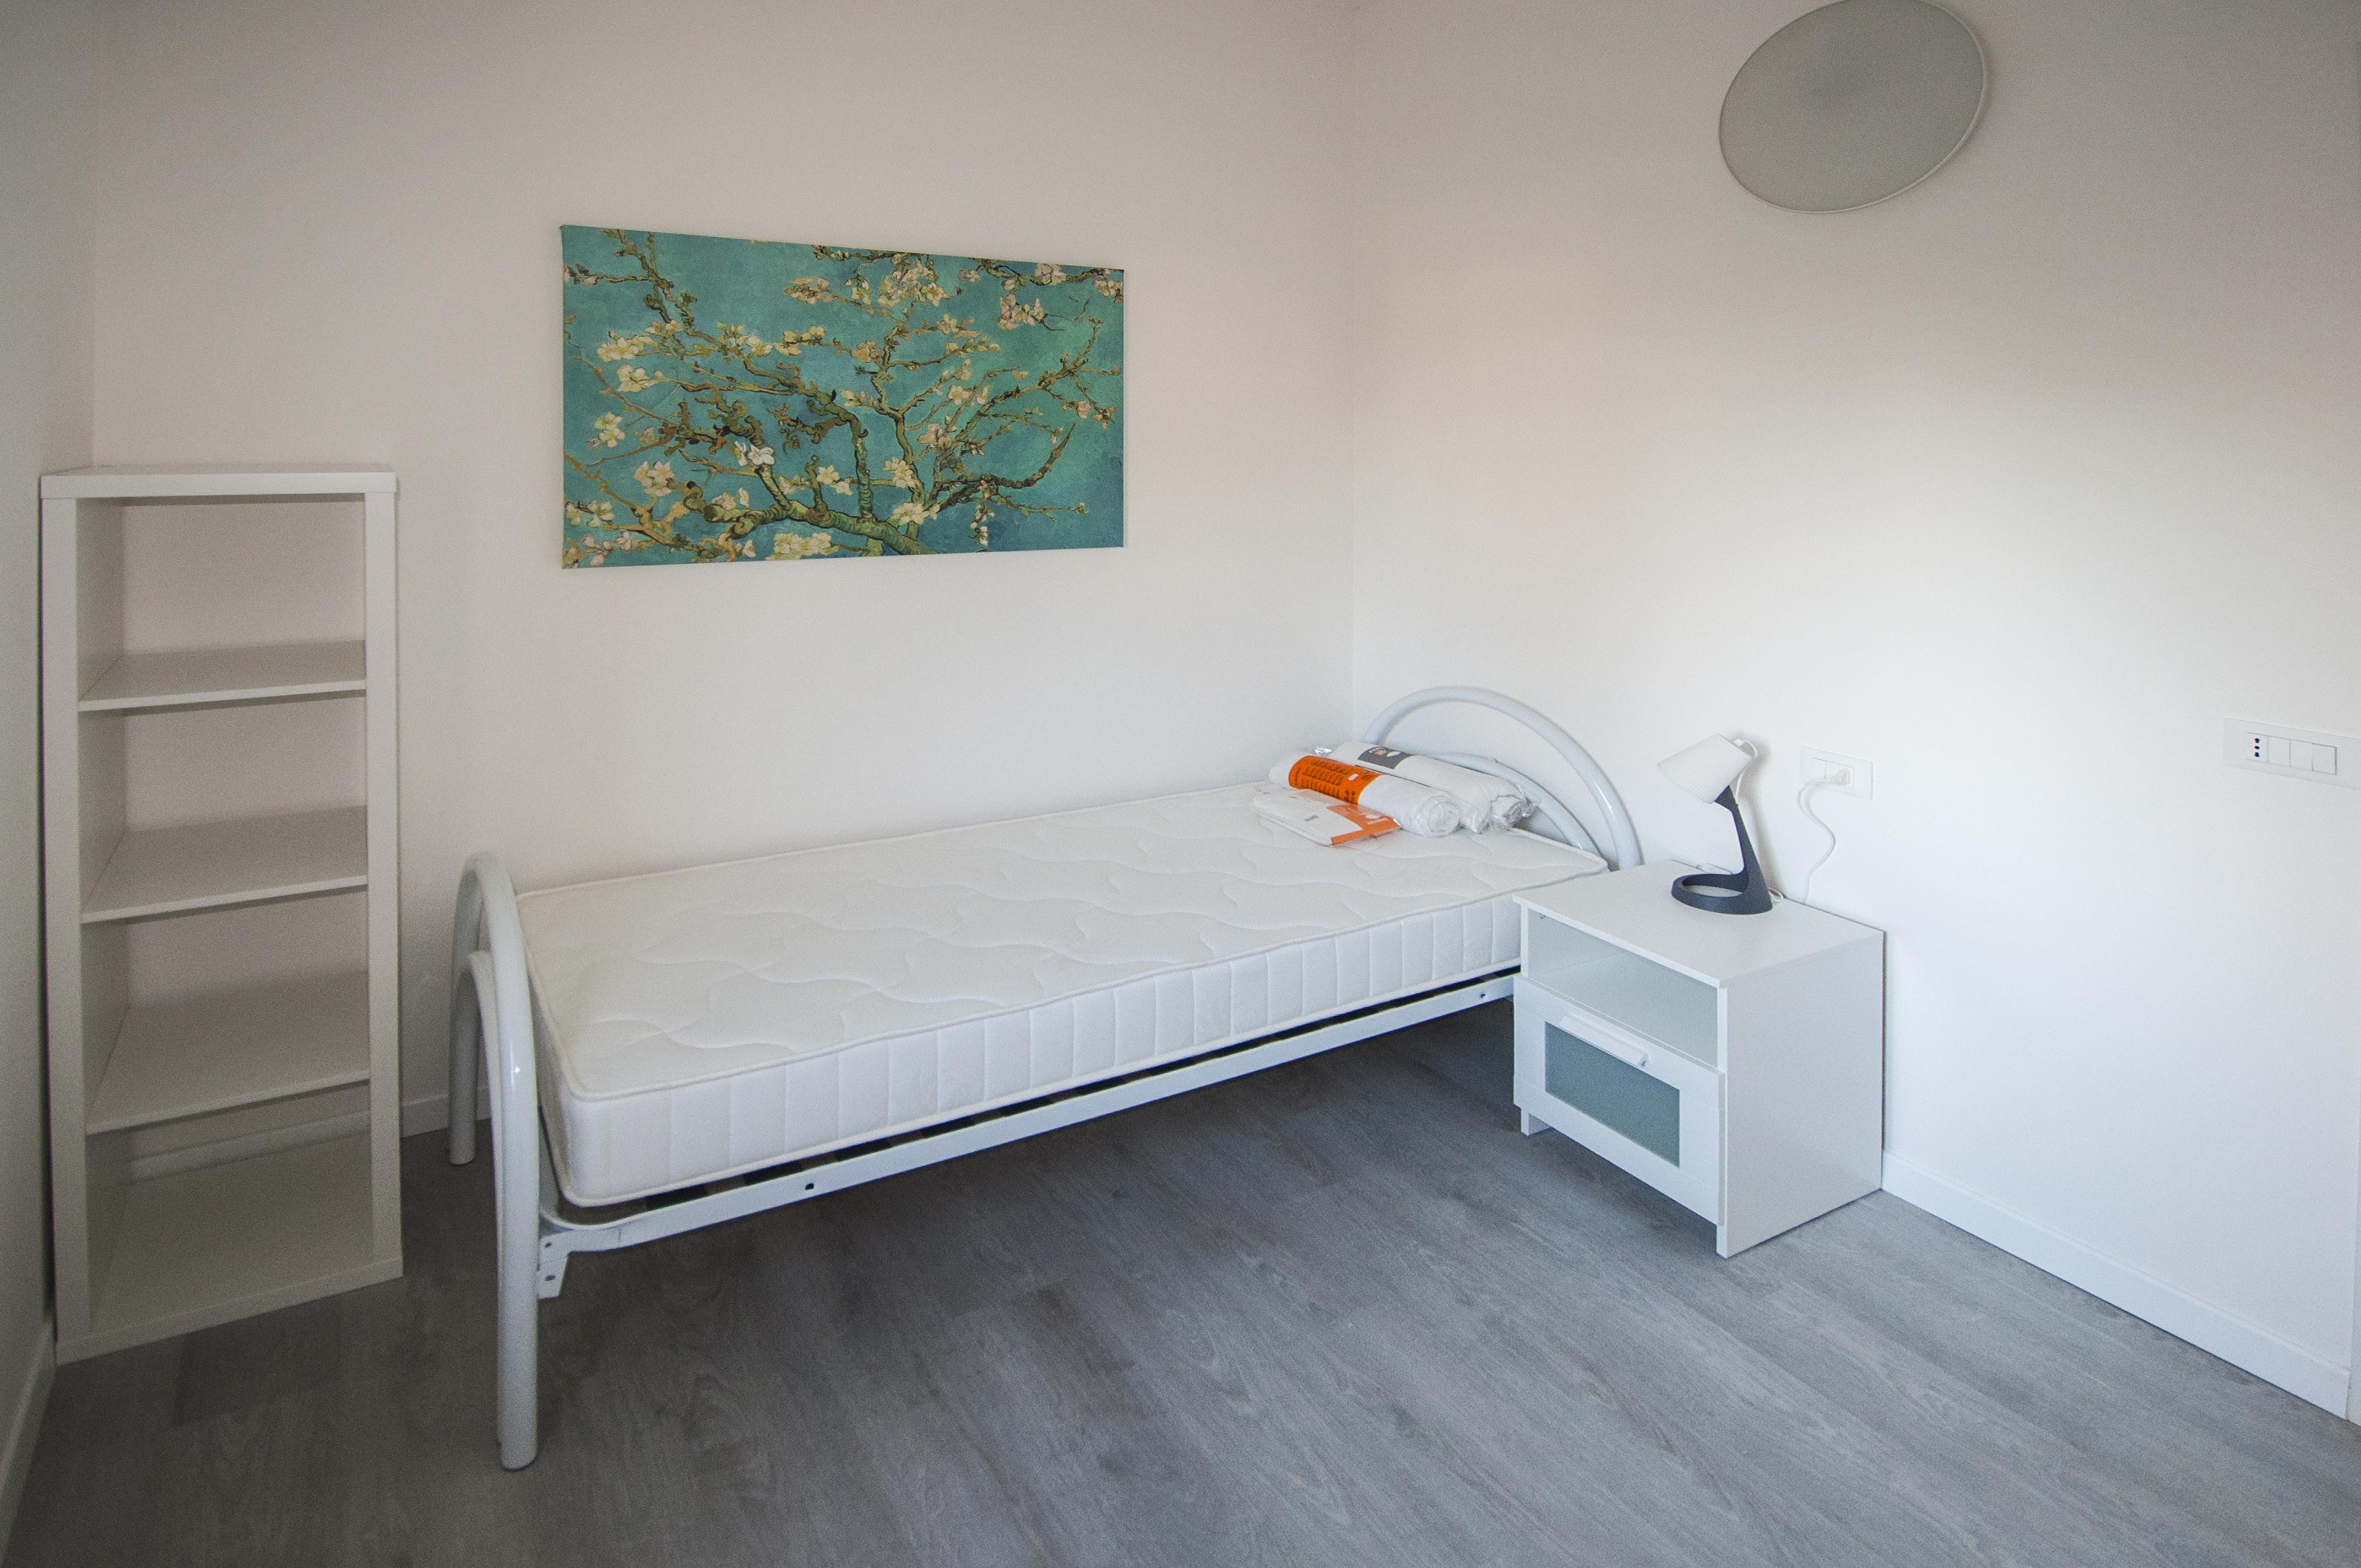 Camere in affitto-Treviso-Ospedale-Stazione-Studio-Architettura-Zanatta_03